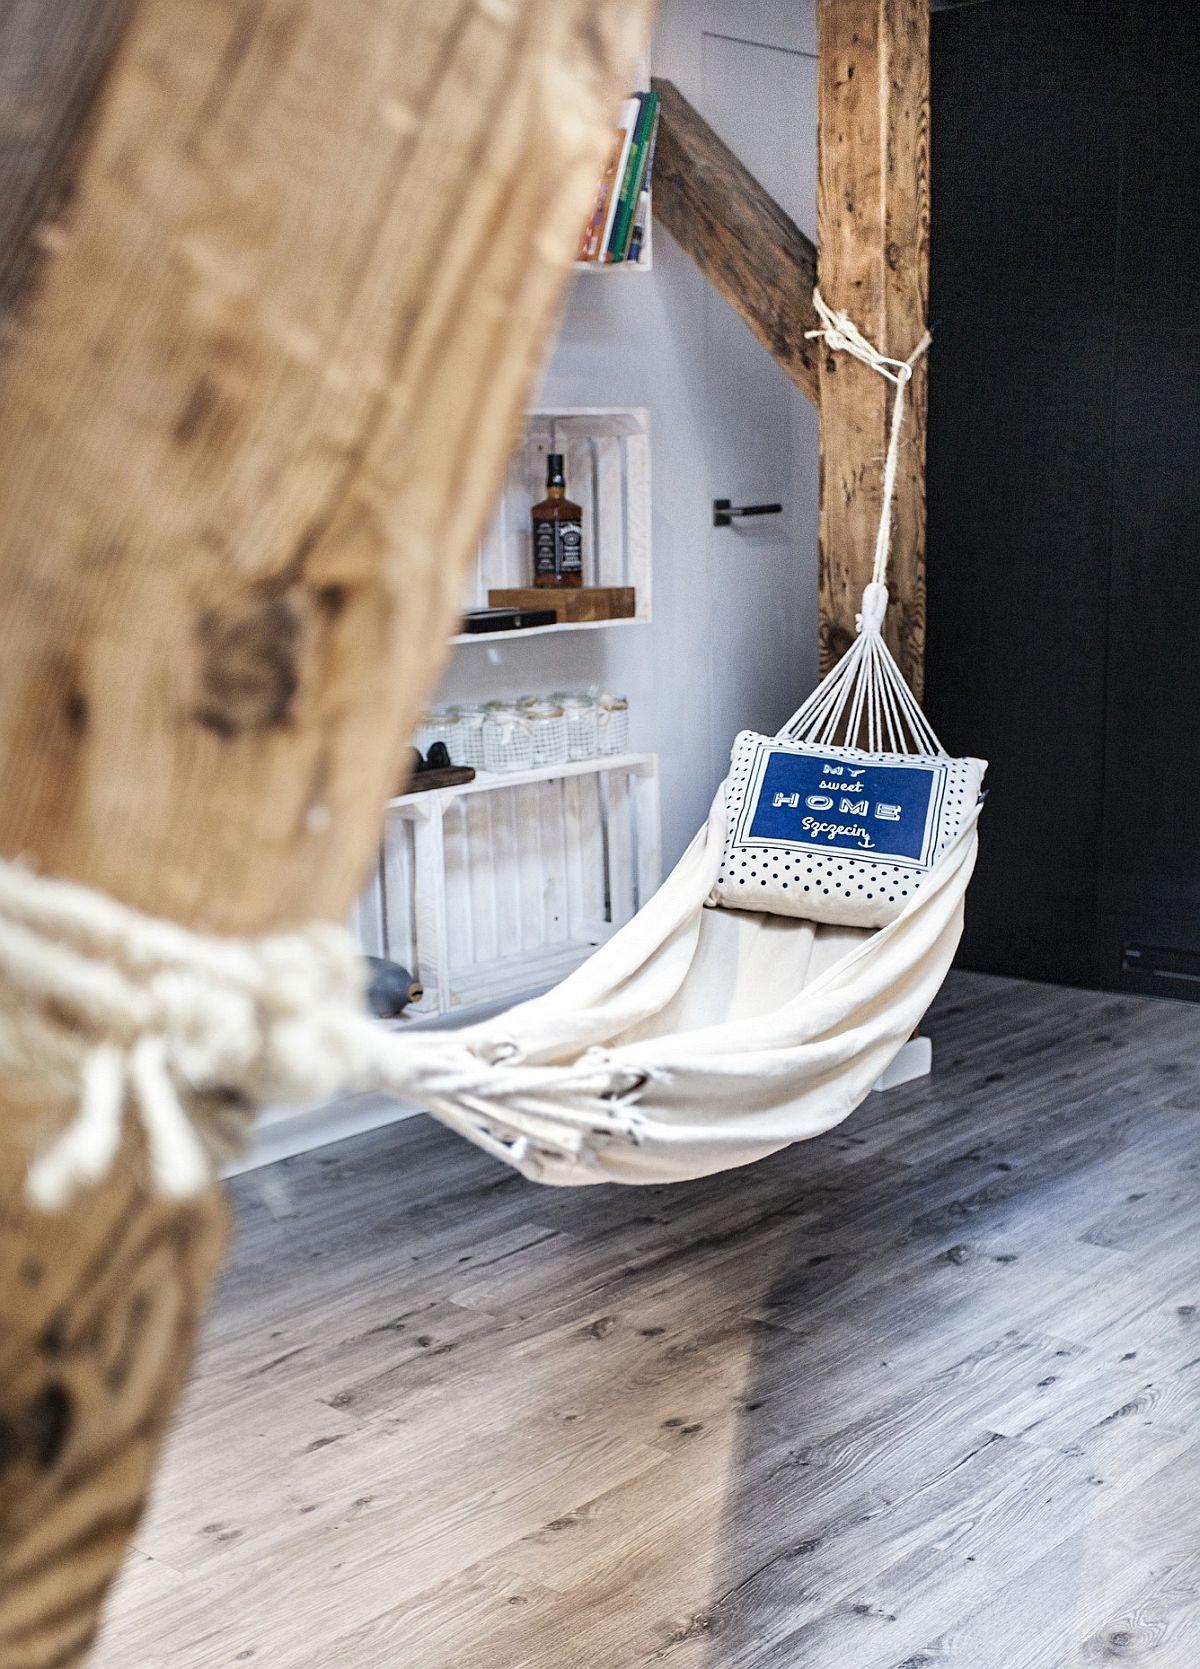 În fața rafturilor, din când în când, proprietarii desfășoară un hamac pentru a se relaxa și a citi. Pentru hamac au fost fixate inele în bârnele de susținere ale acoperișului.